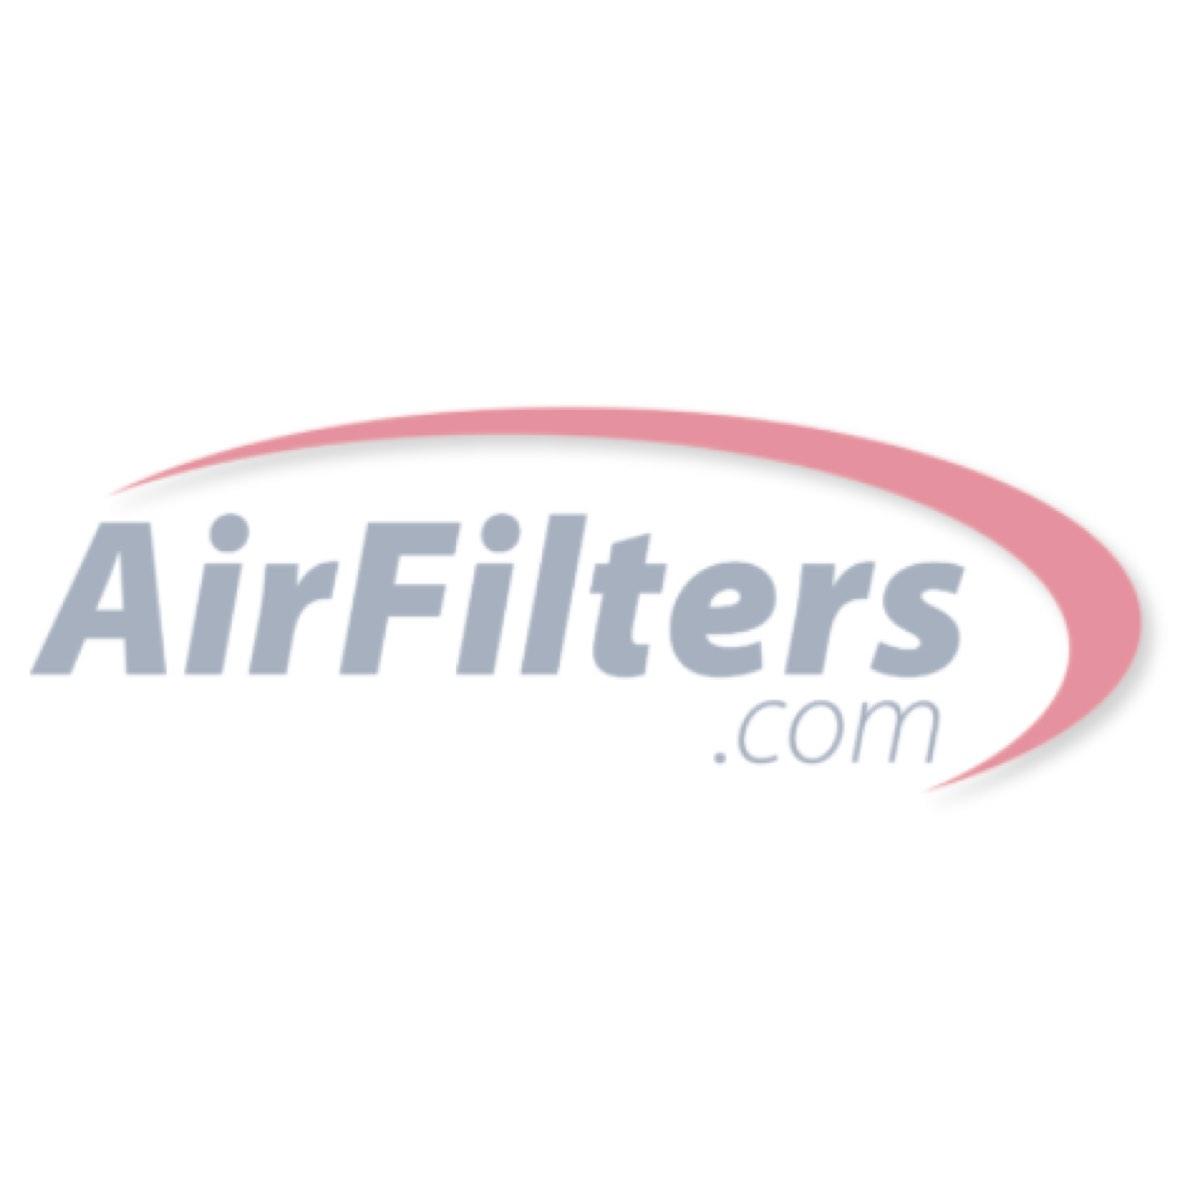 York® 20x20x5 (19.75x19.88x4.38) Air Filters by Accumulair®